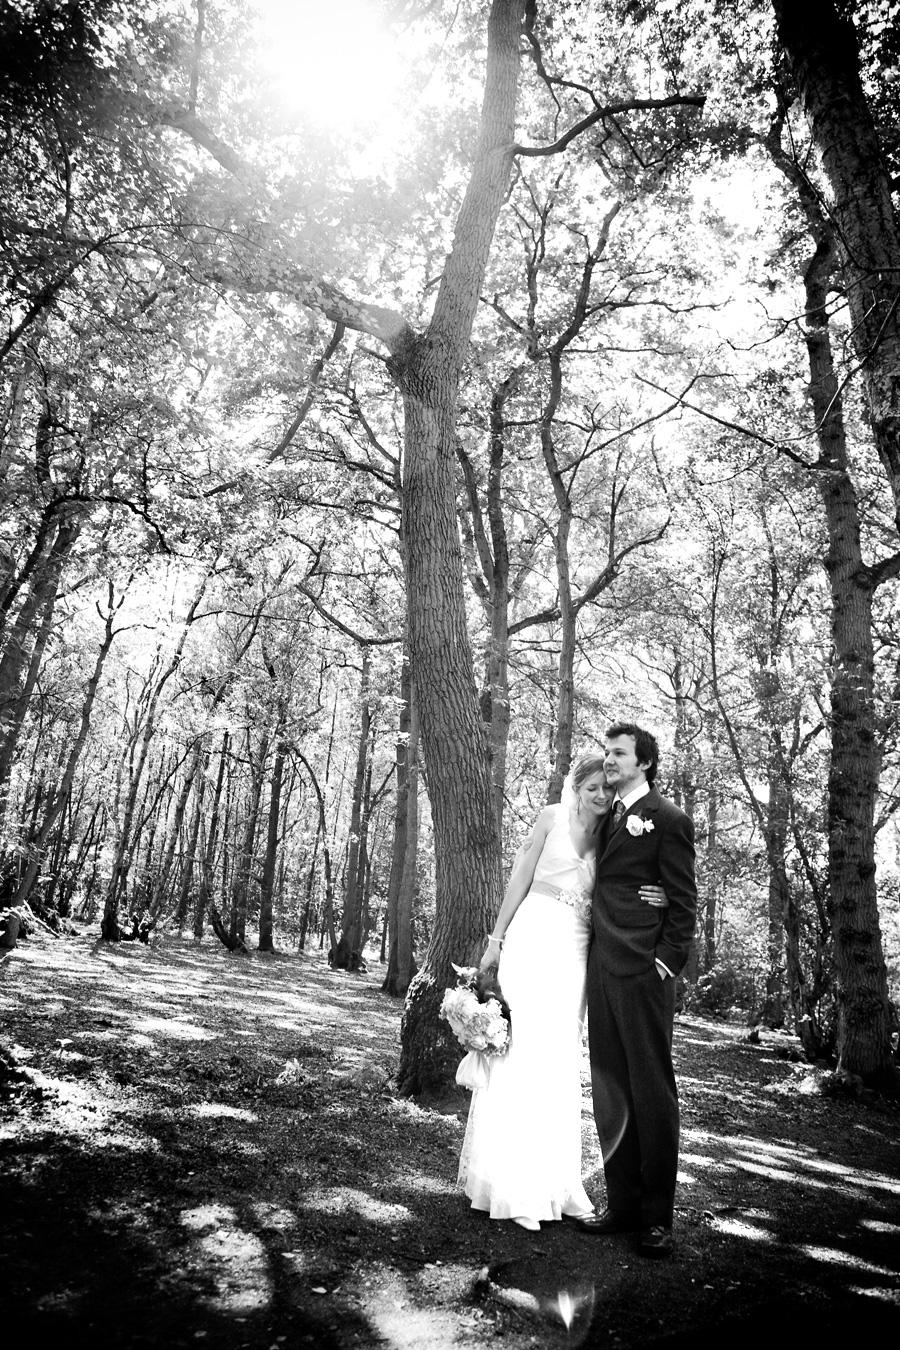 Julie och James i en glänta i skogen 5